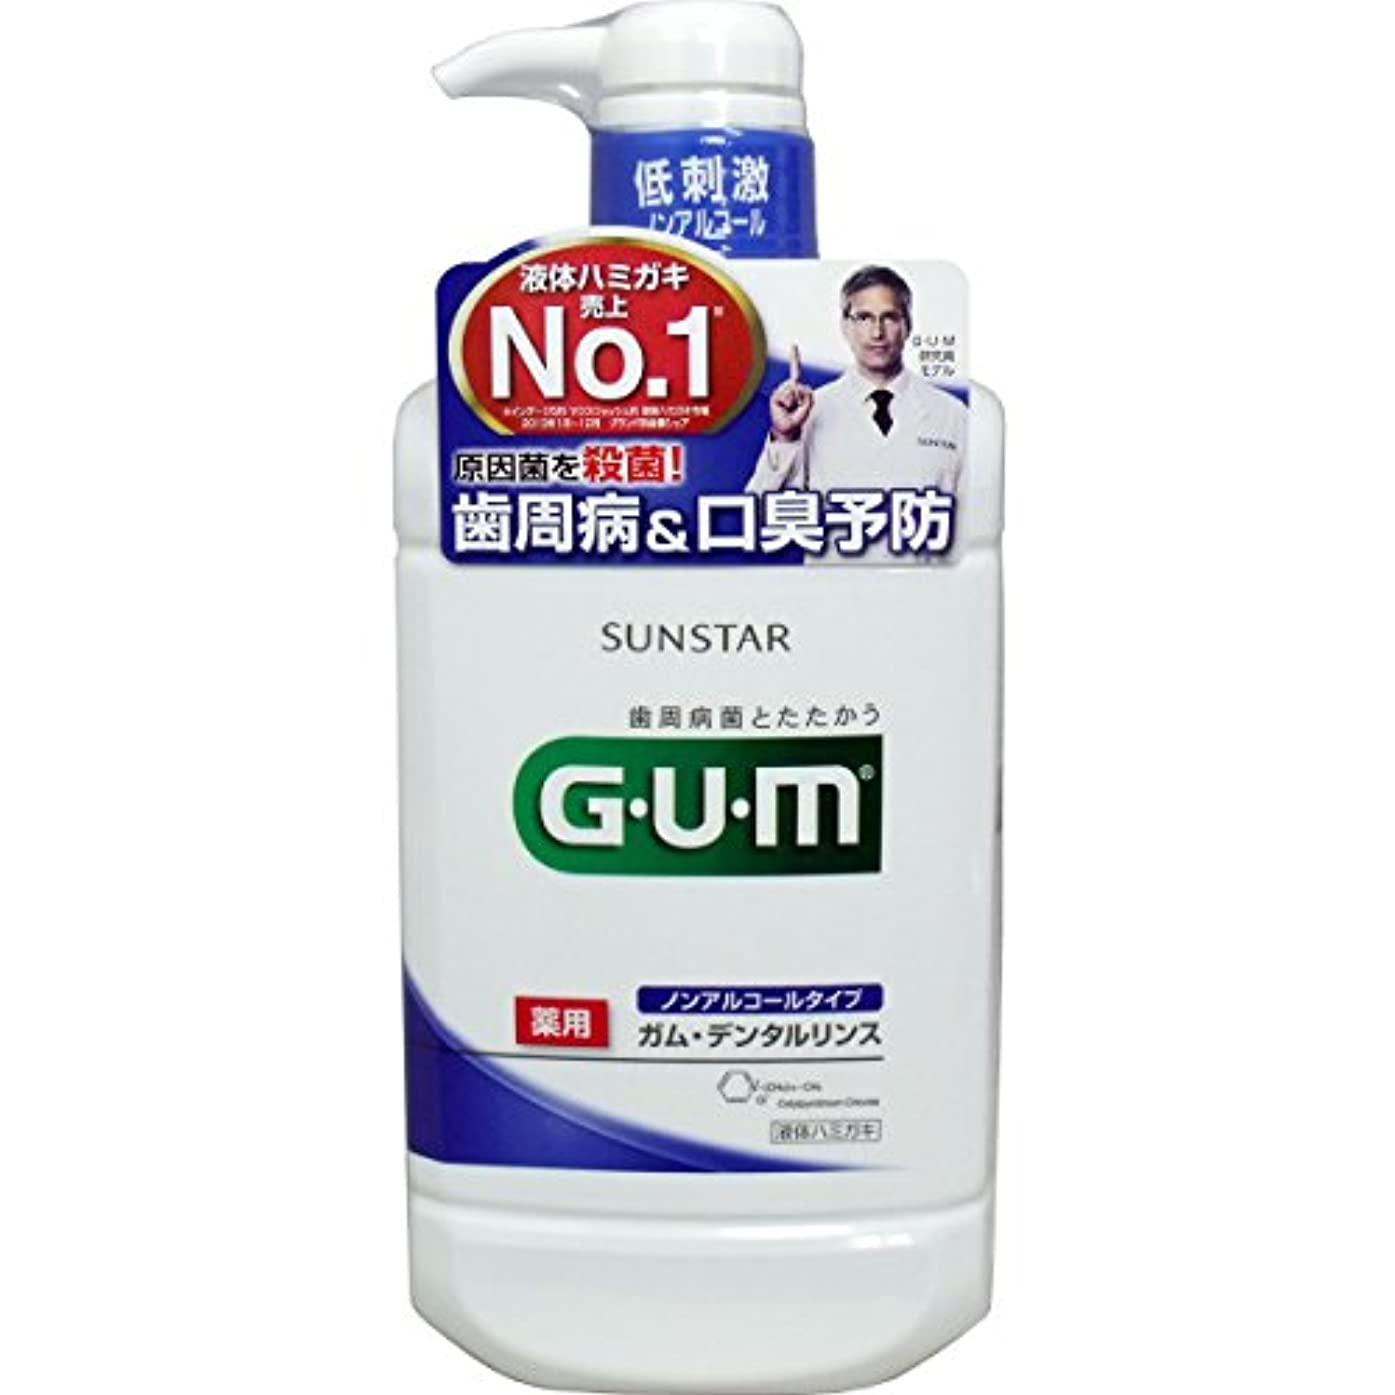 違反する限定すべき歯周病予防 デンタルリンス ハグキの炎症を防ぐ 便利 GUM ガム?デンタルリンス 薬用 ノンアルコールタイプ 960mL【1個セット】